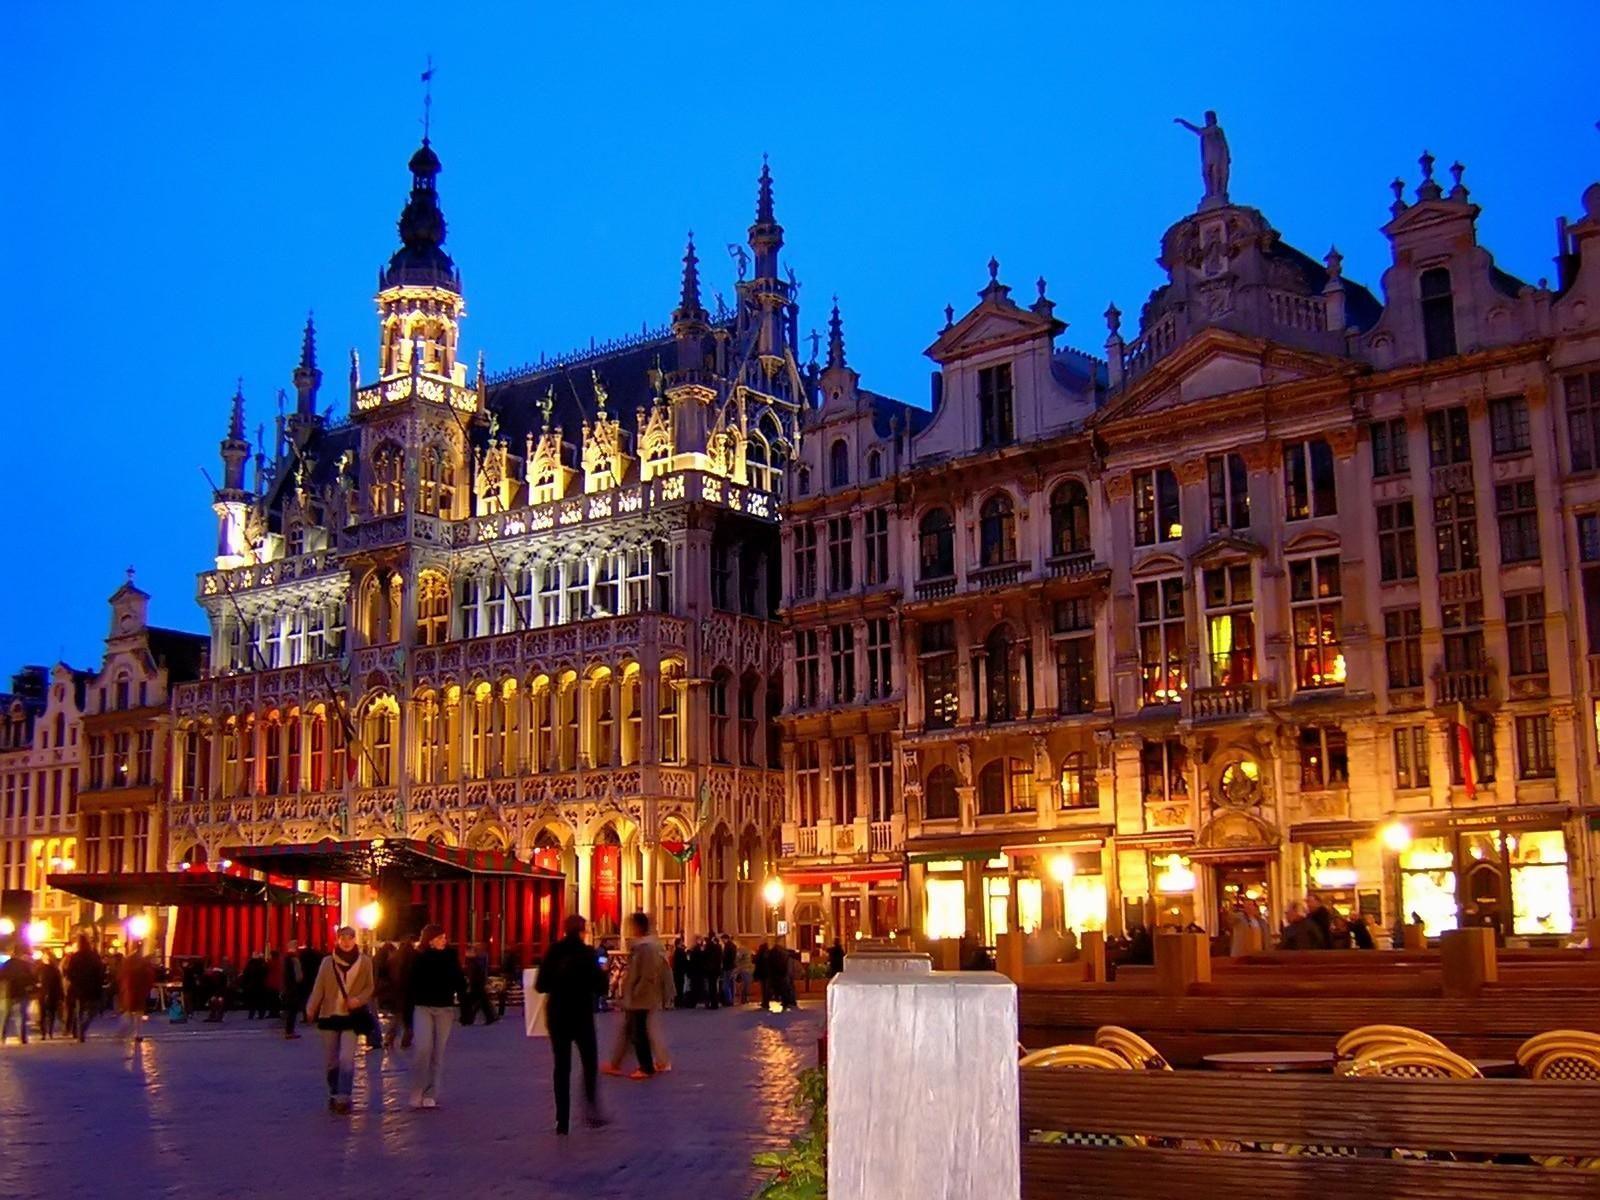 Wallpapers Castles Belgium Cities download photo